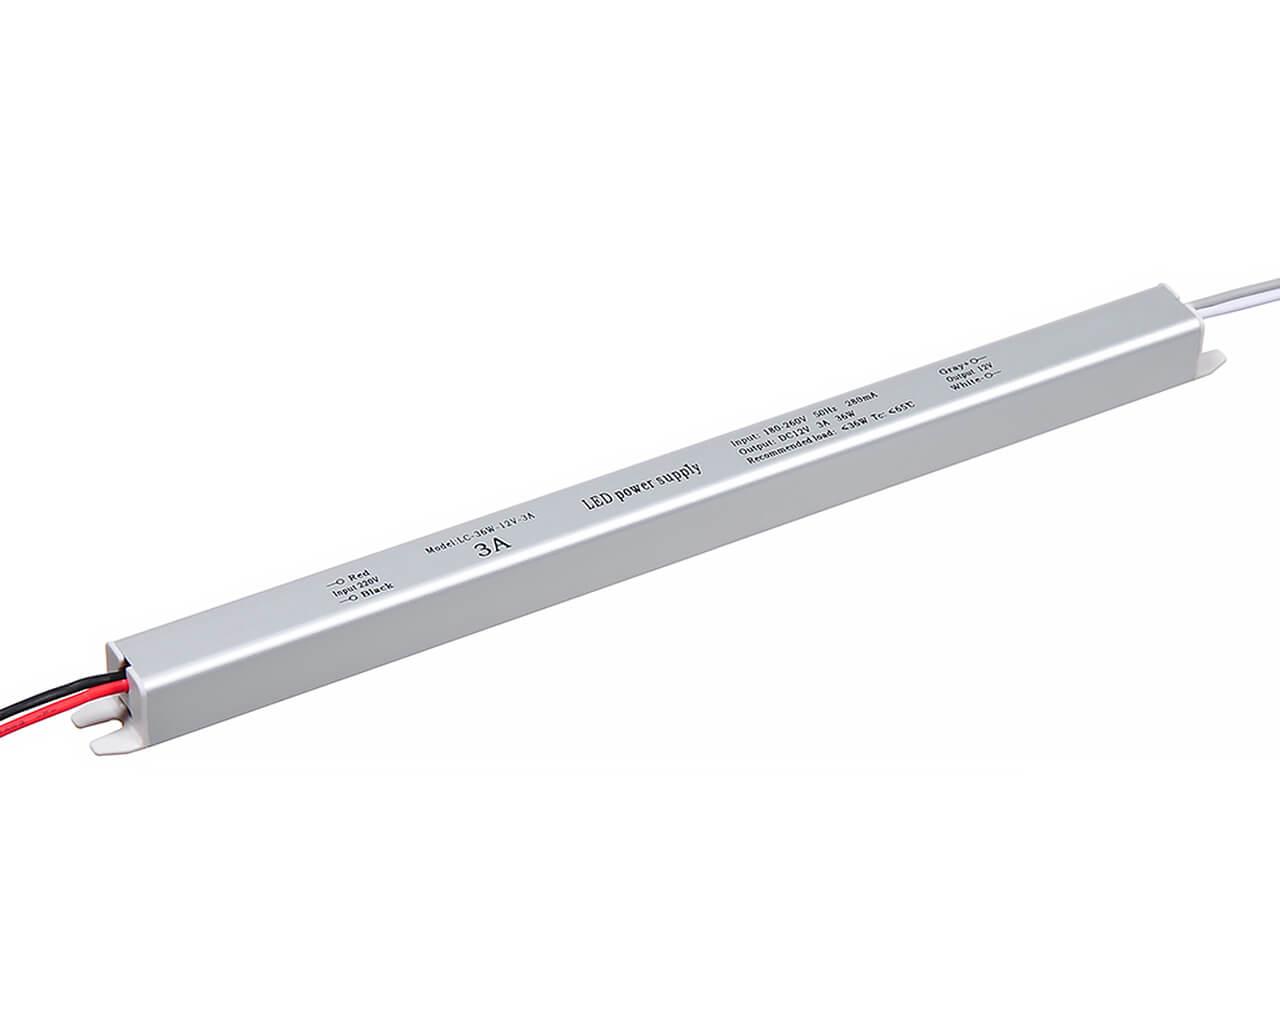 фото: блок питания lc-k35w-12v 3Р° (карандаш 282*18*18)